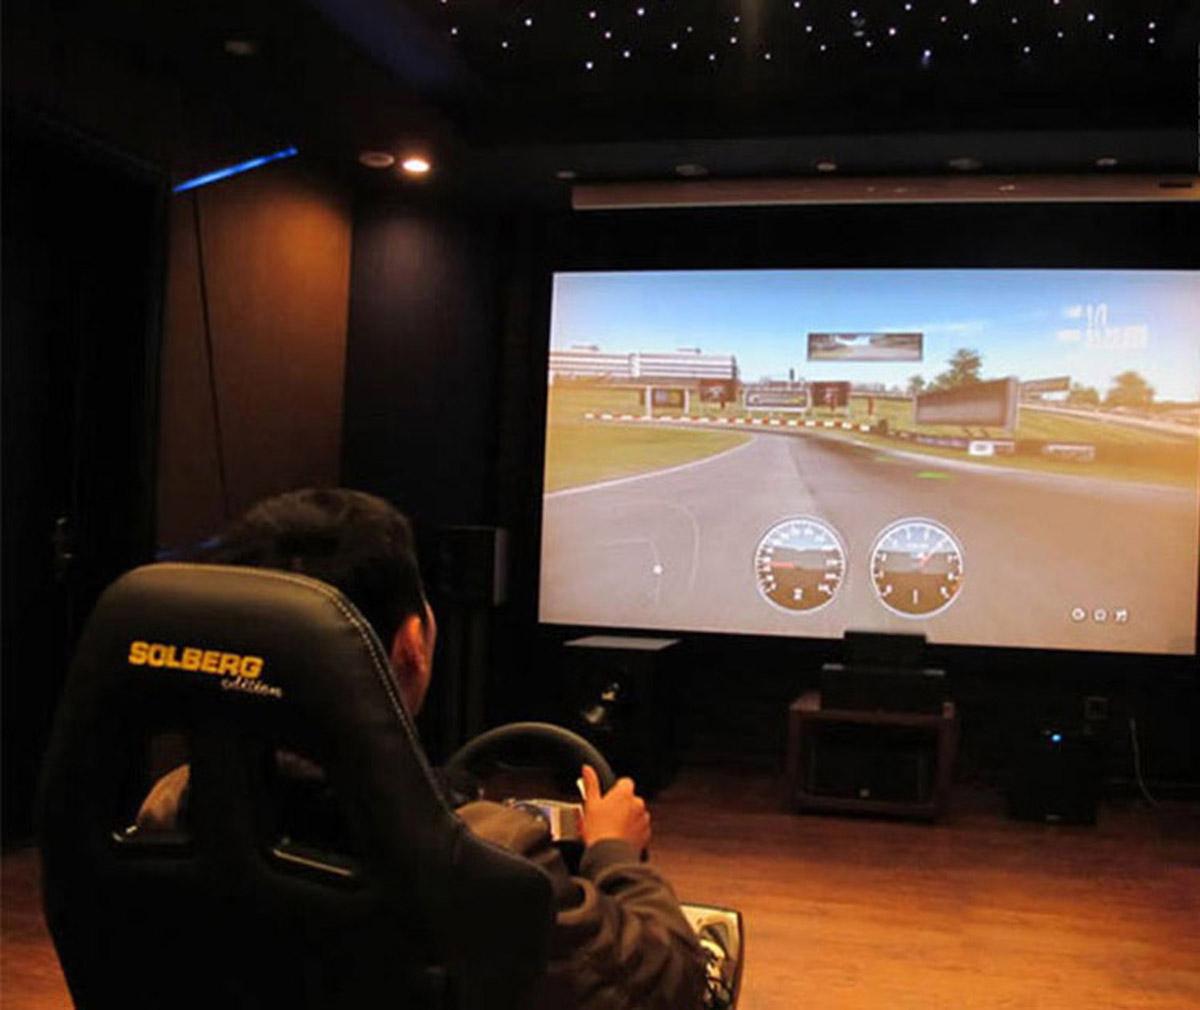 隆尧安全体验VR虚拟仿真漫游